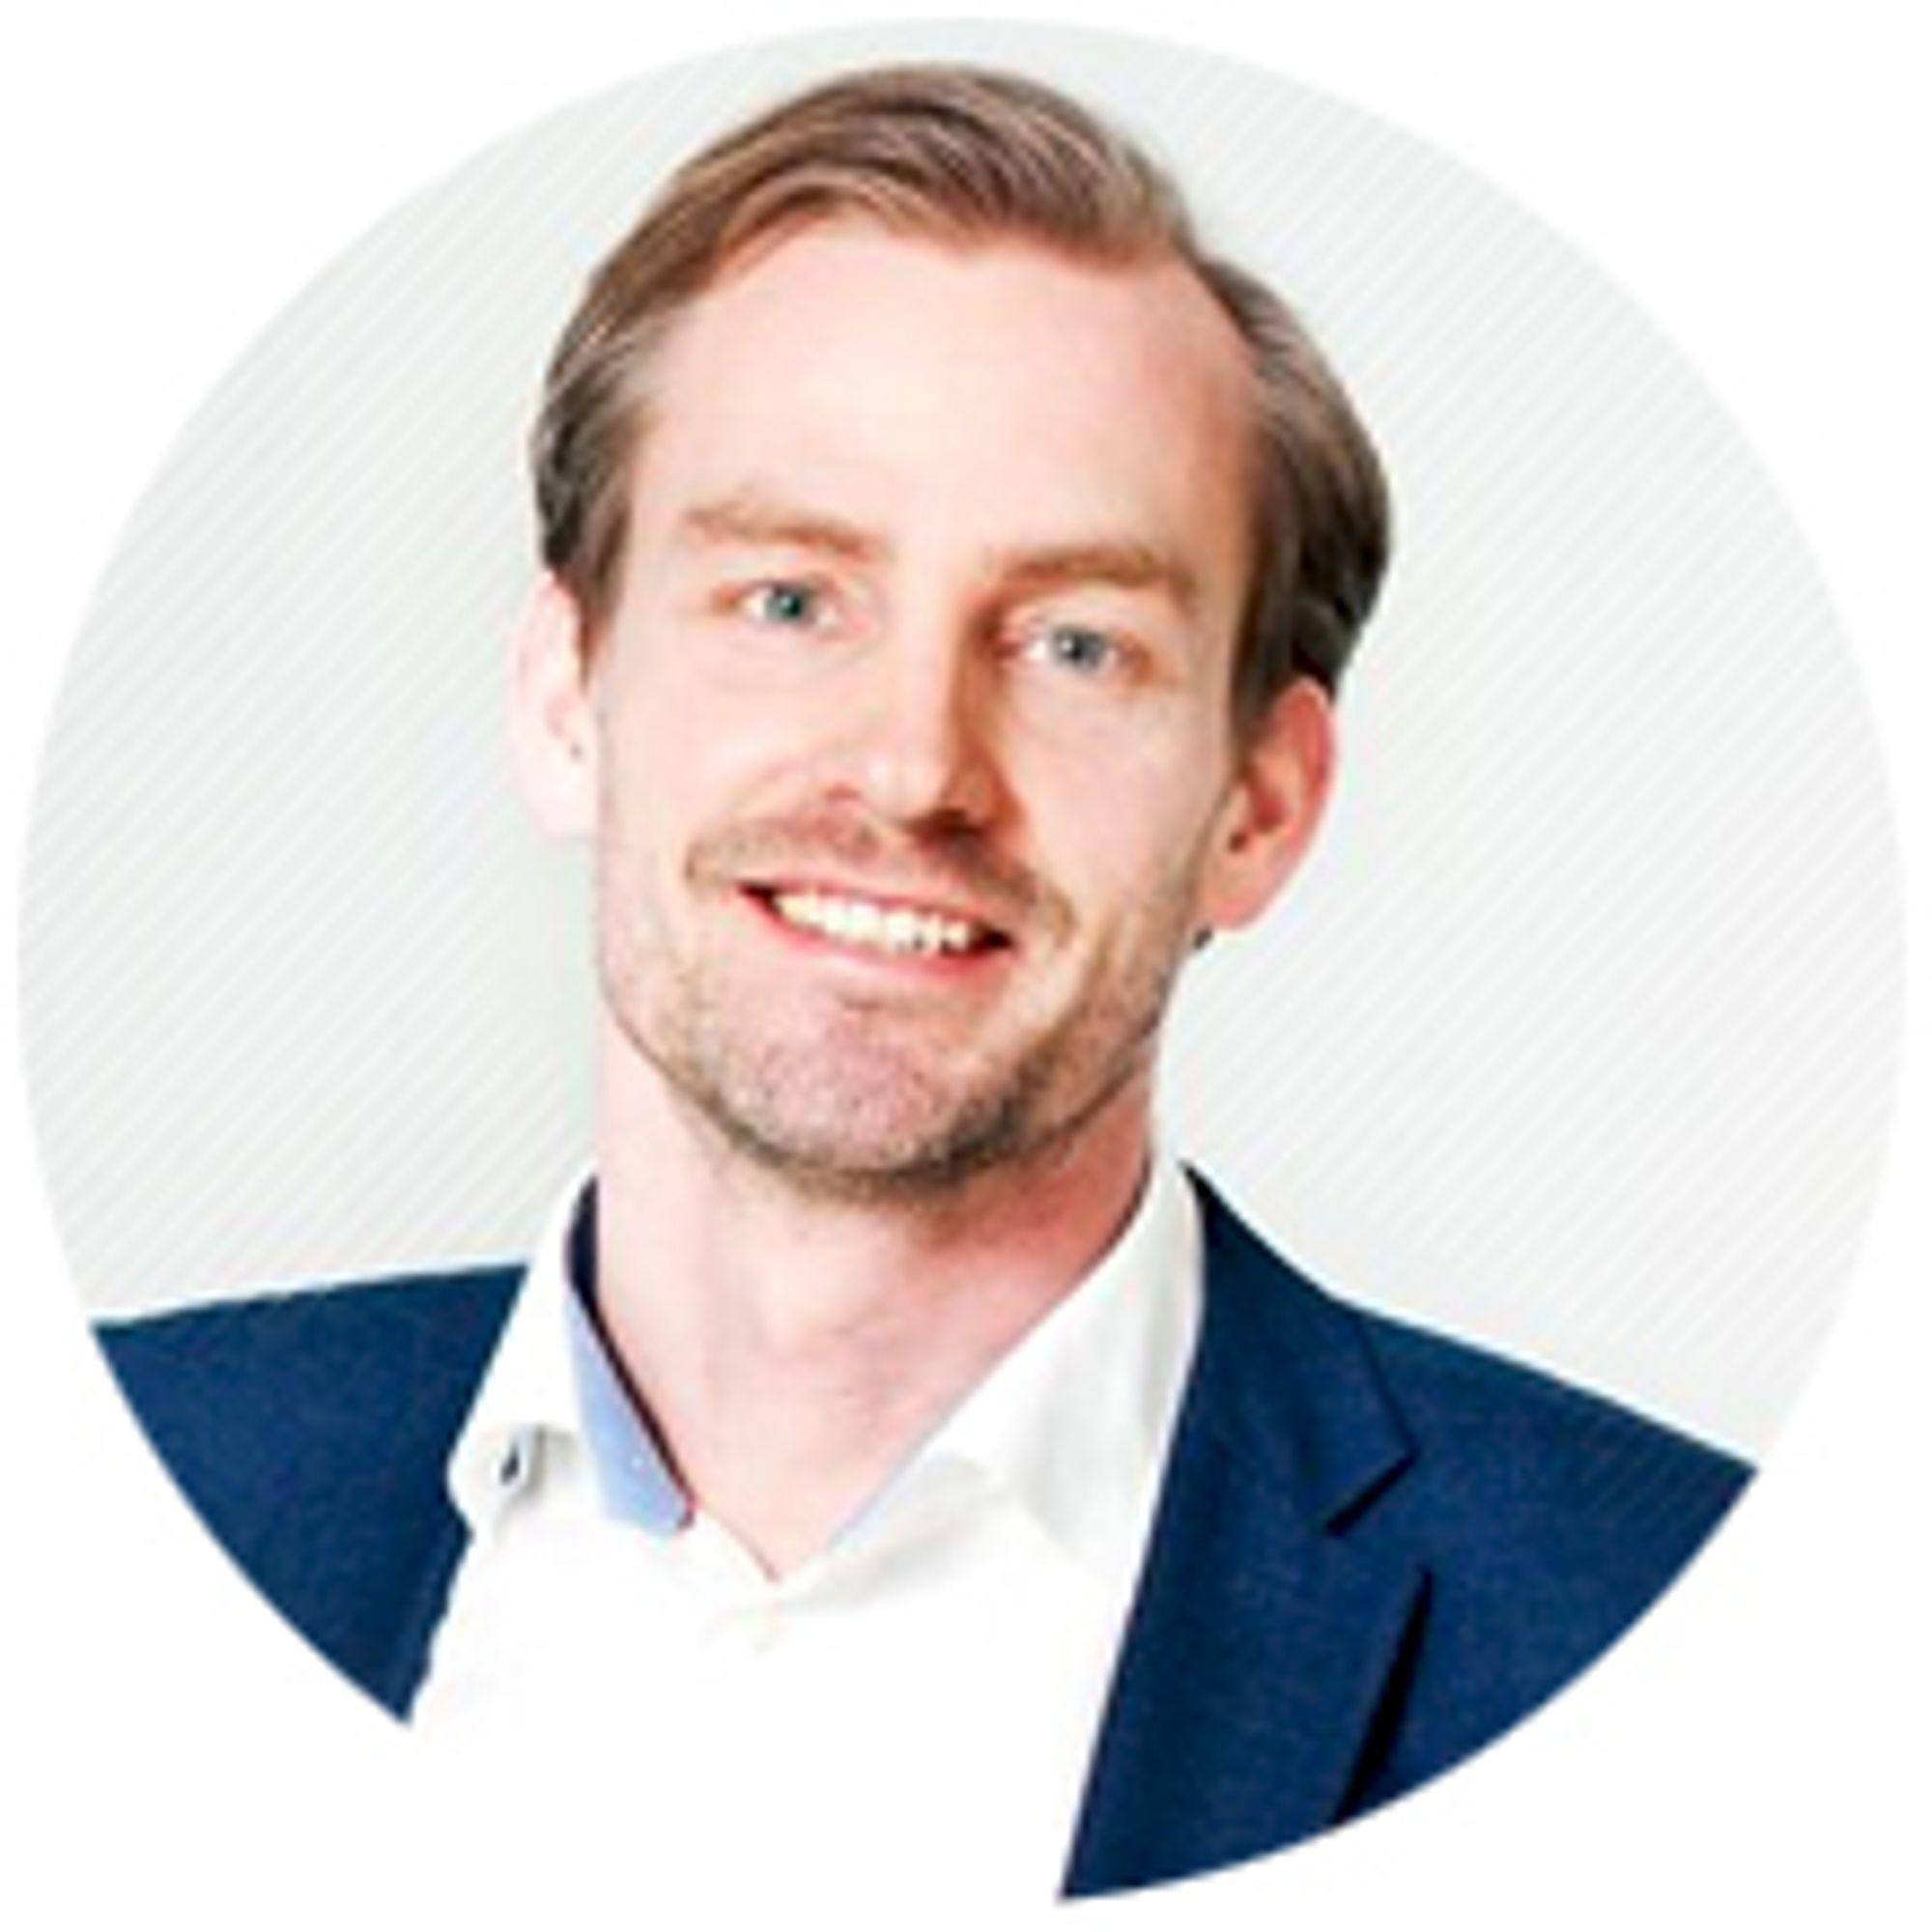 Markus Hökfelt